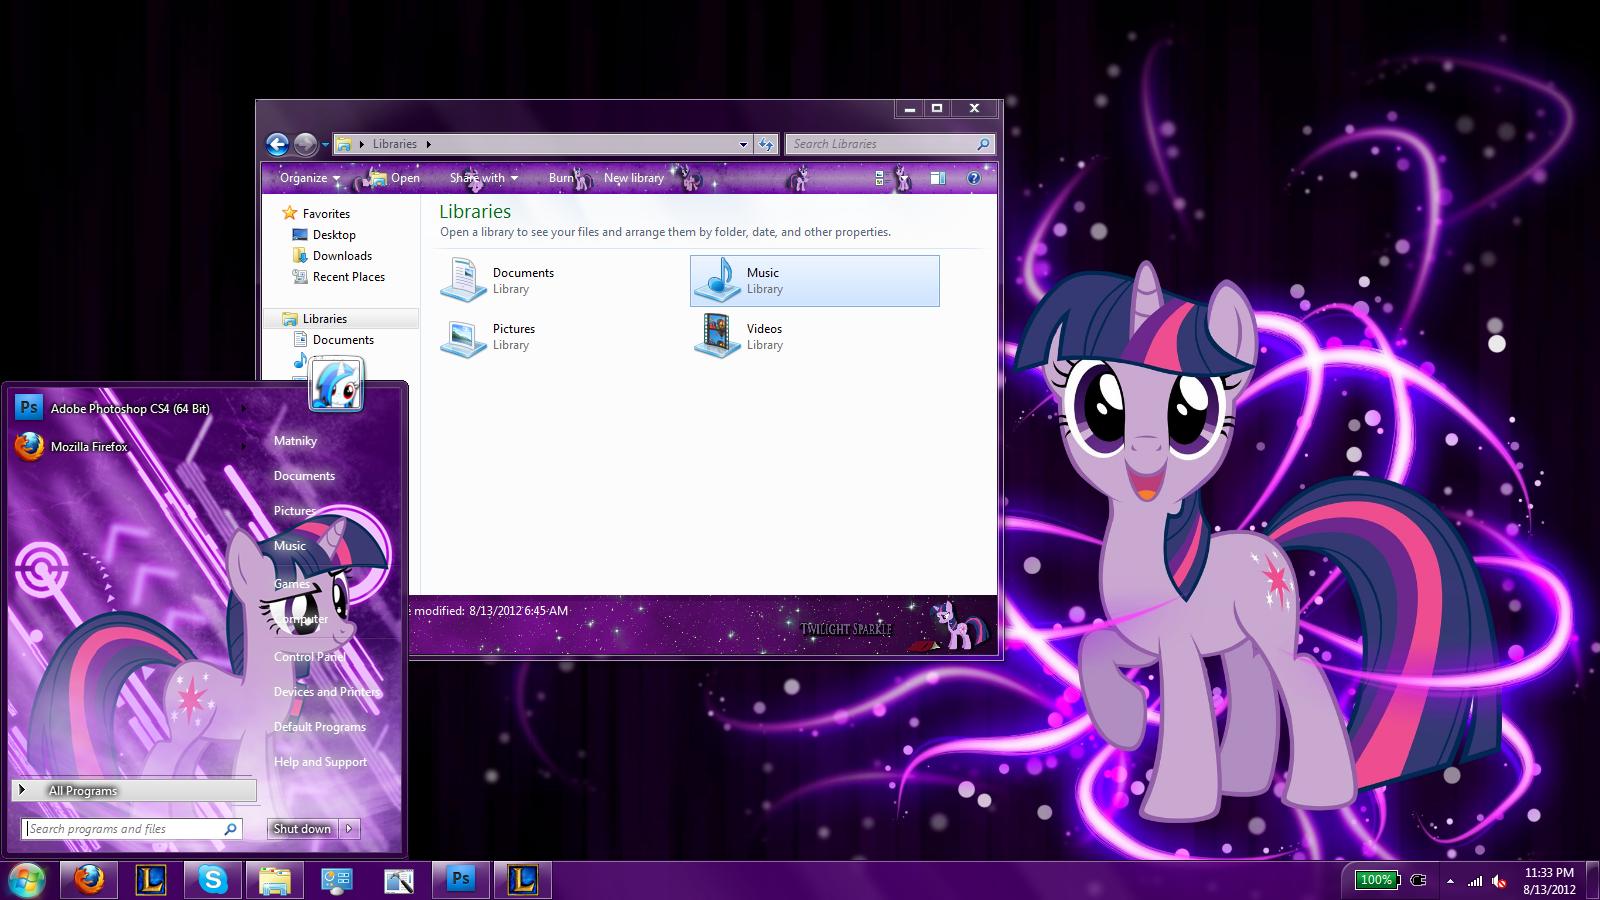 Twilight Sparkle Windows 7 Theme By Matniky